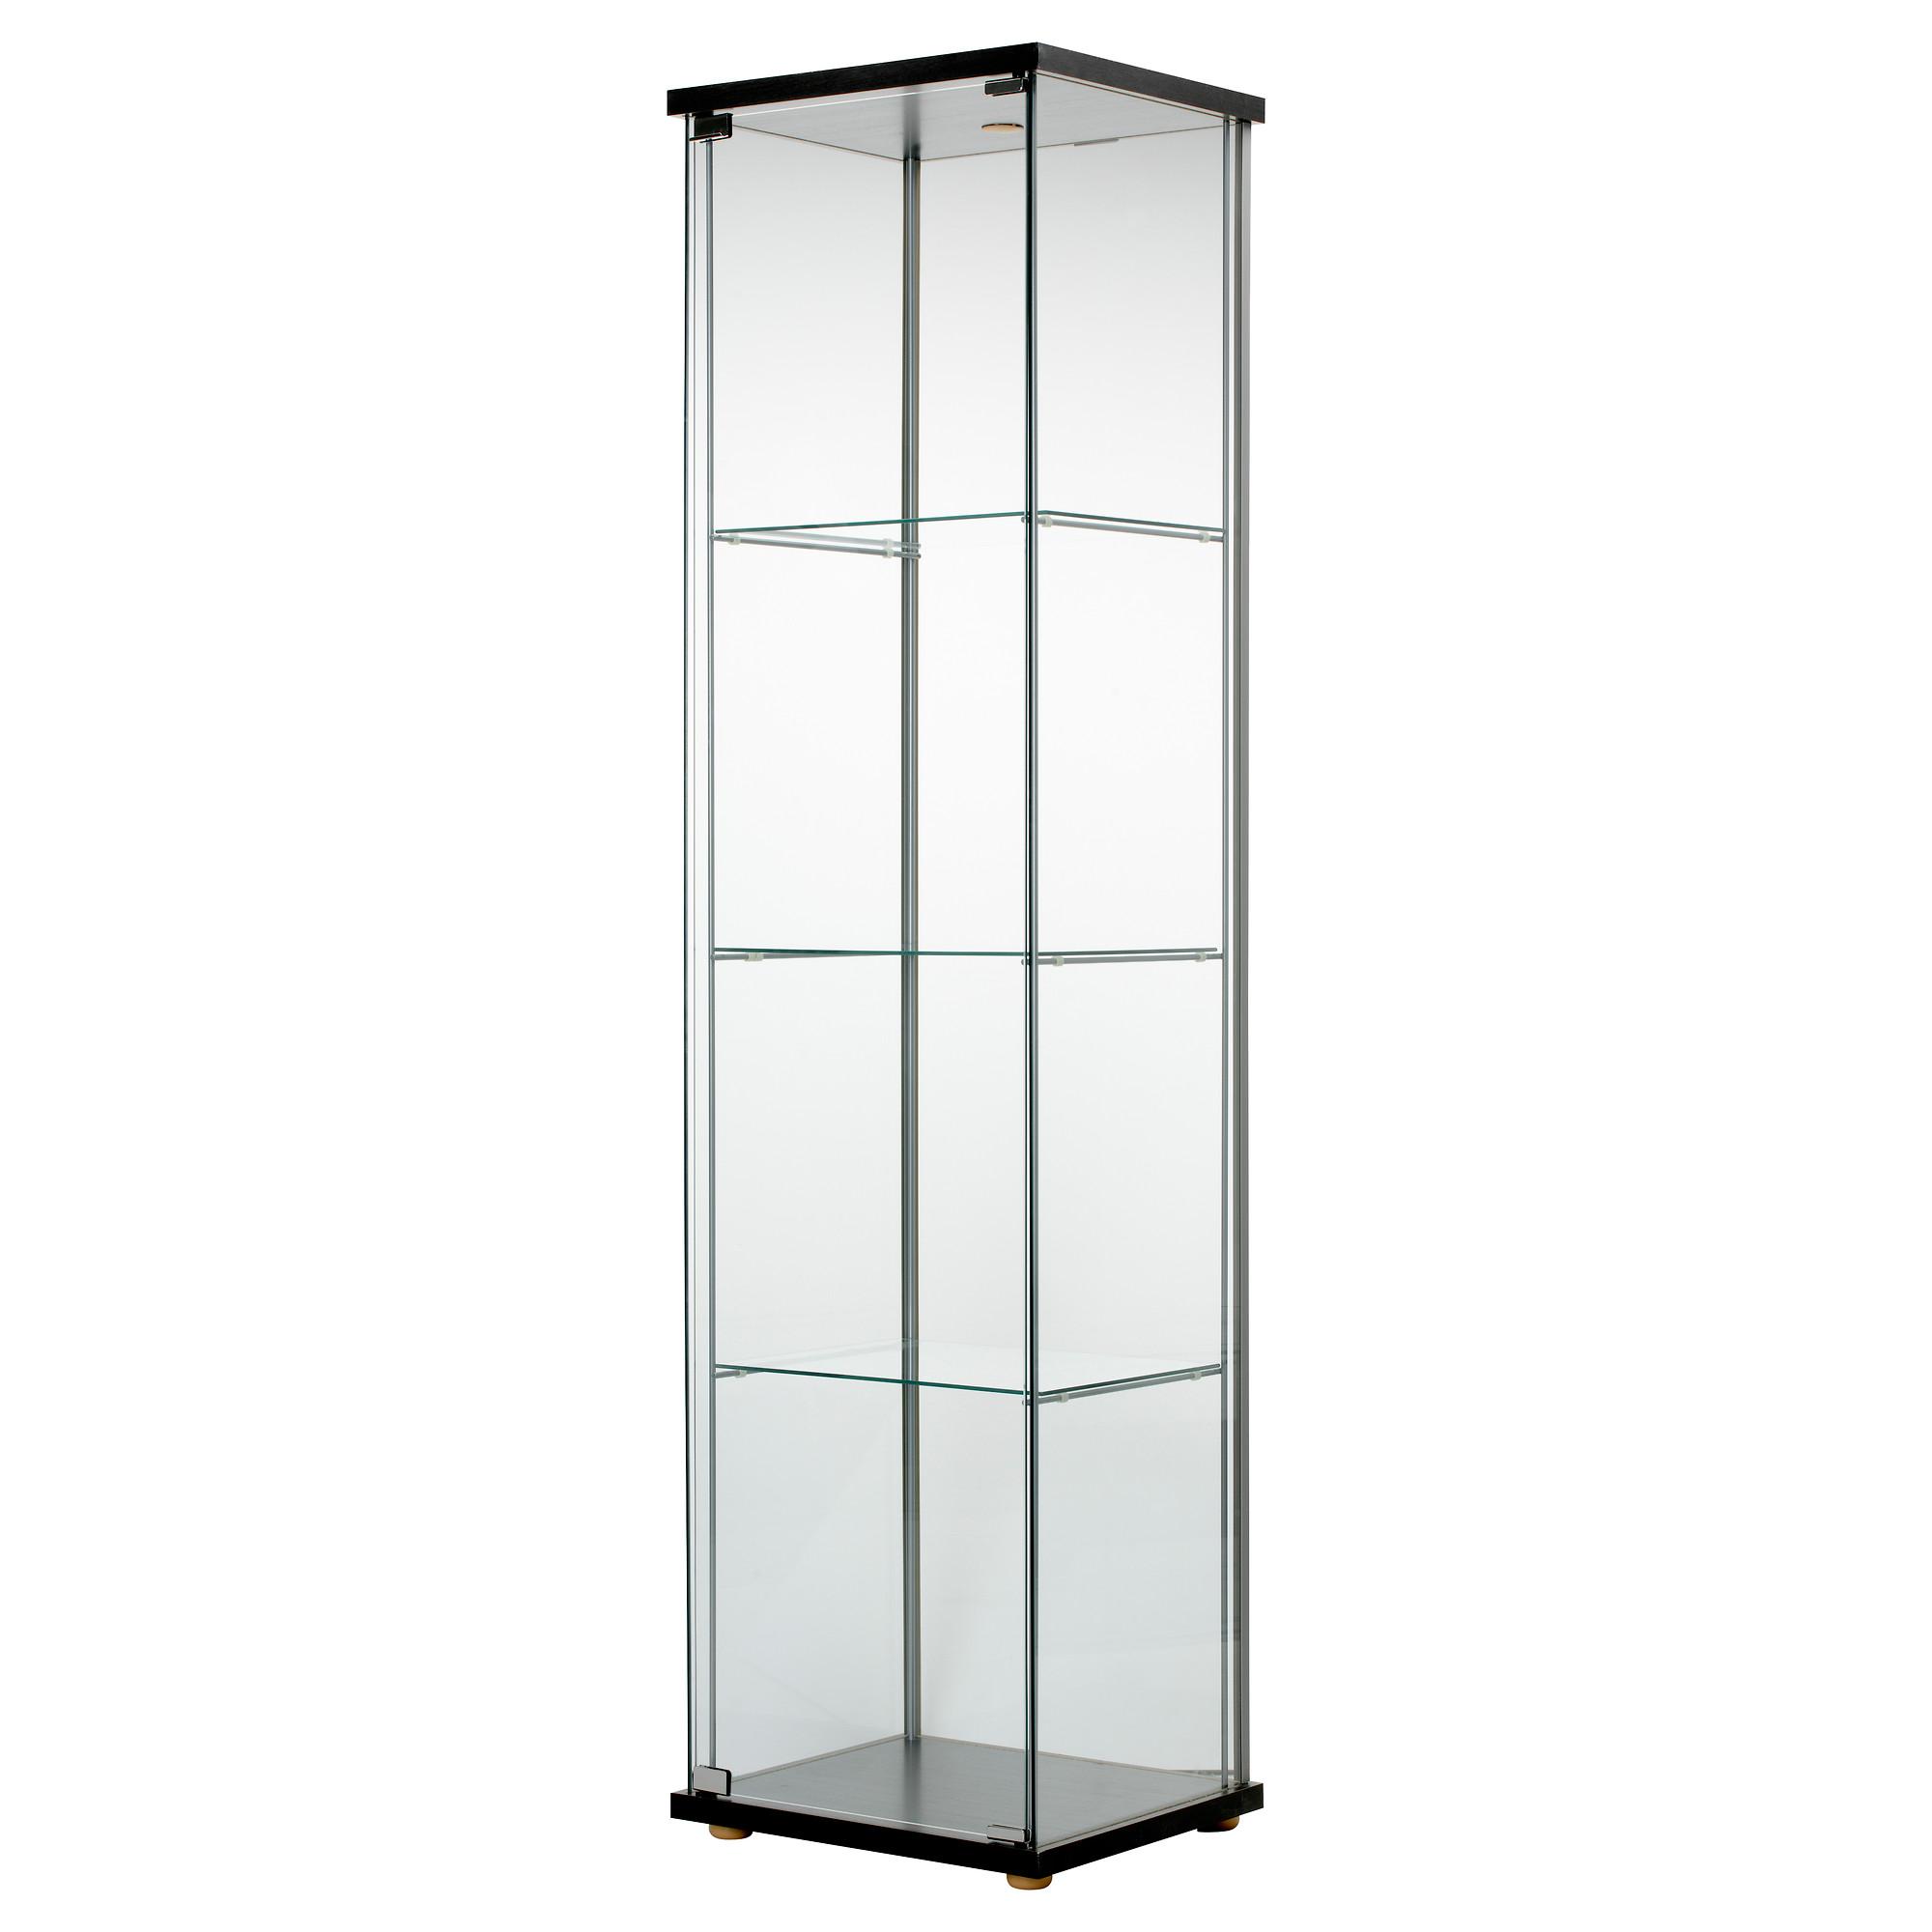 Шкаф-витрина ДЕТОЛЬФ, черно-коричневый (43x163 см). Шкаф-витрина ДЕТОЛЬФ че